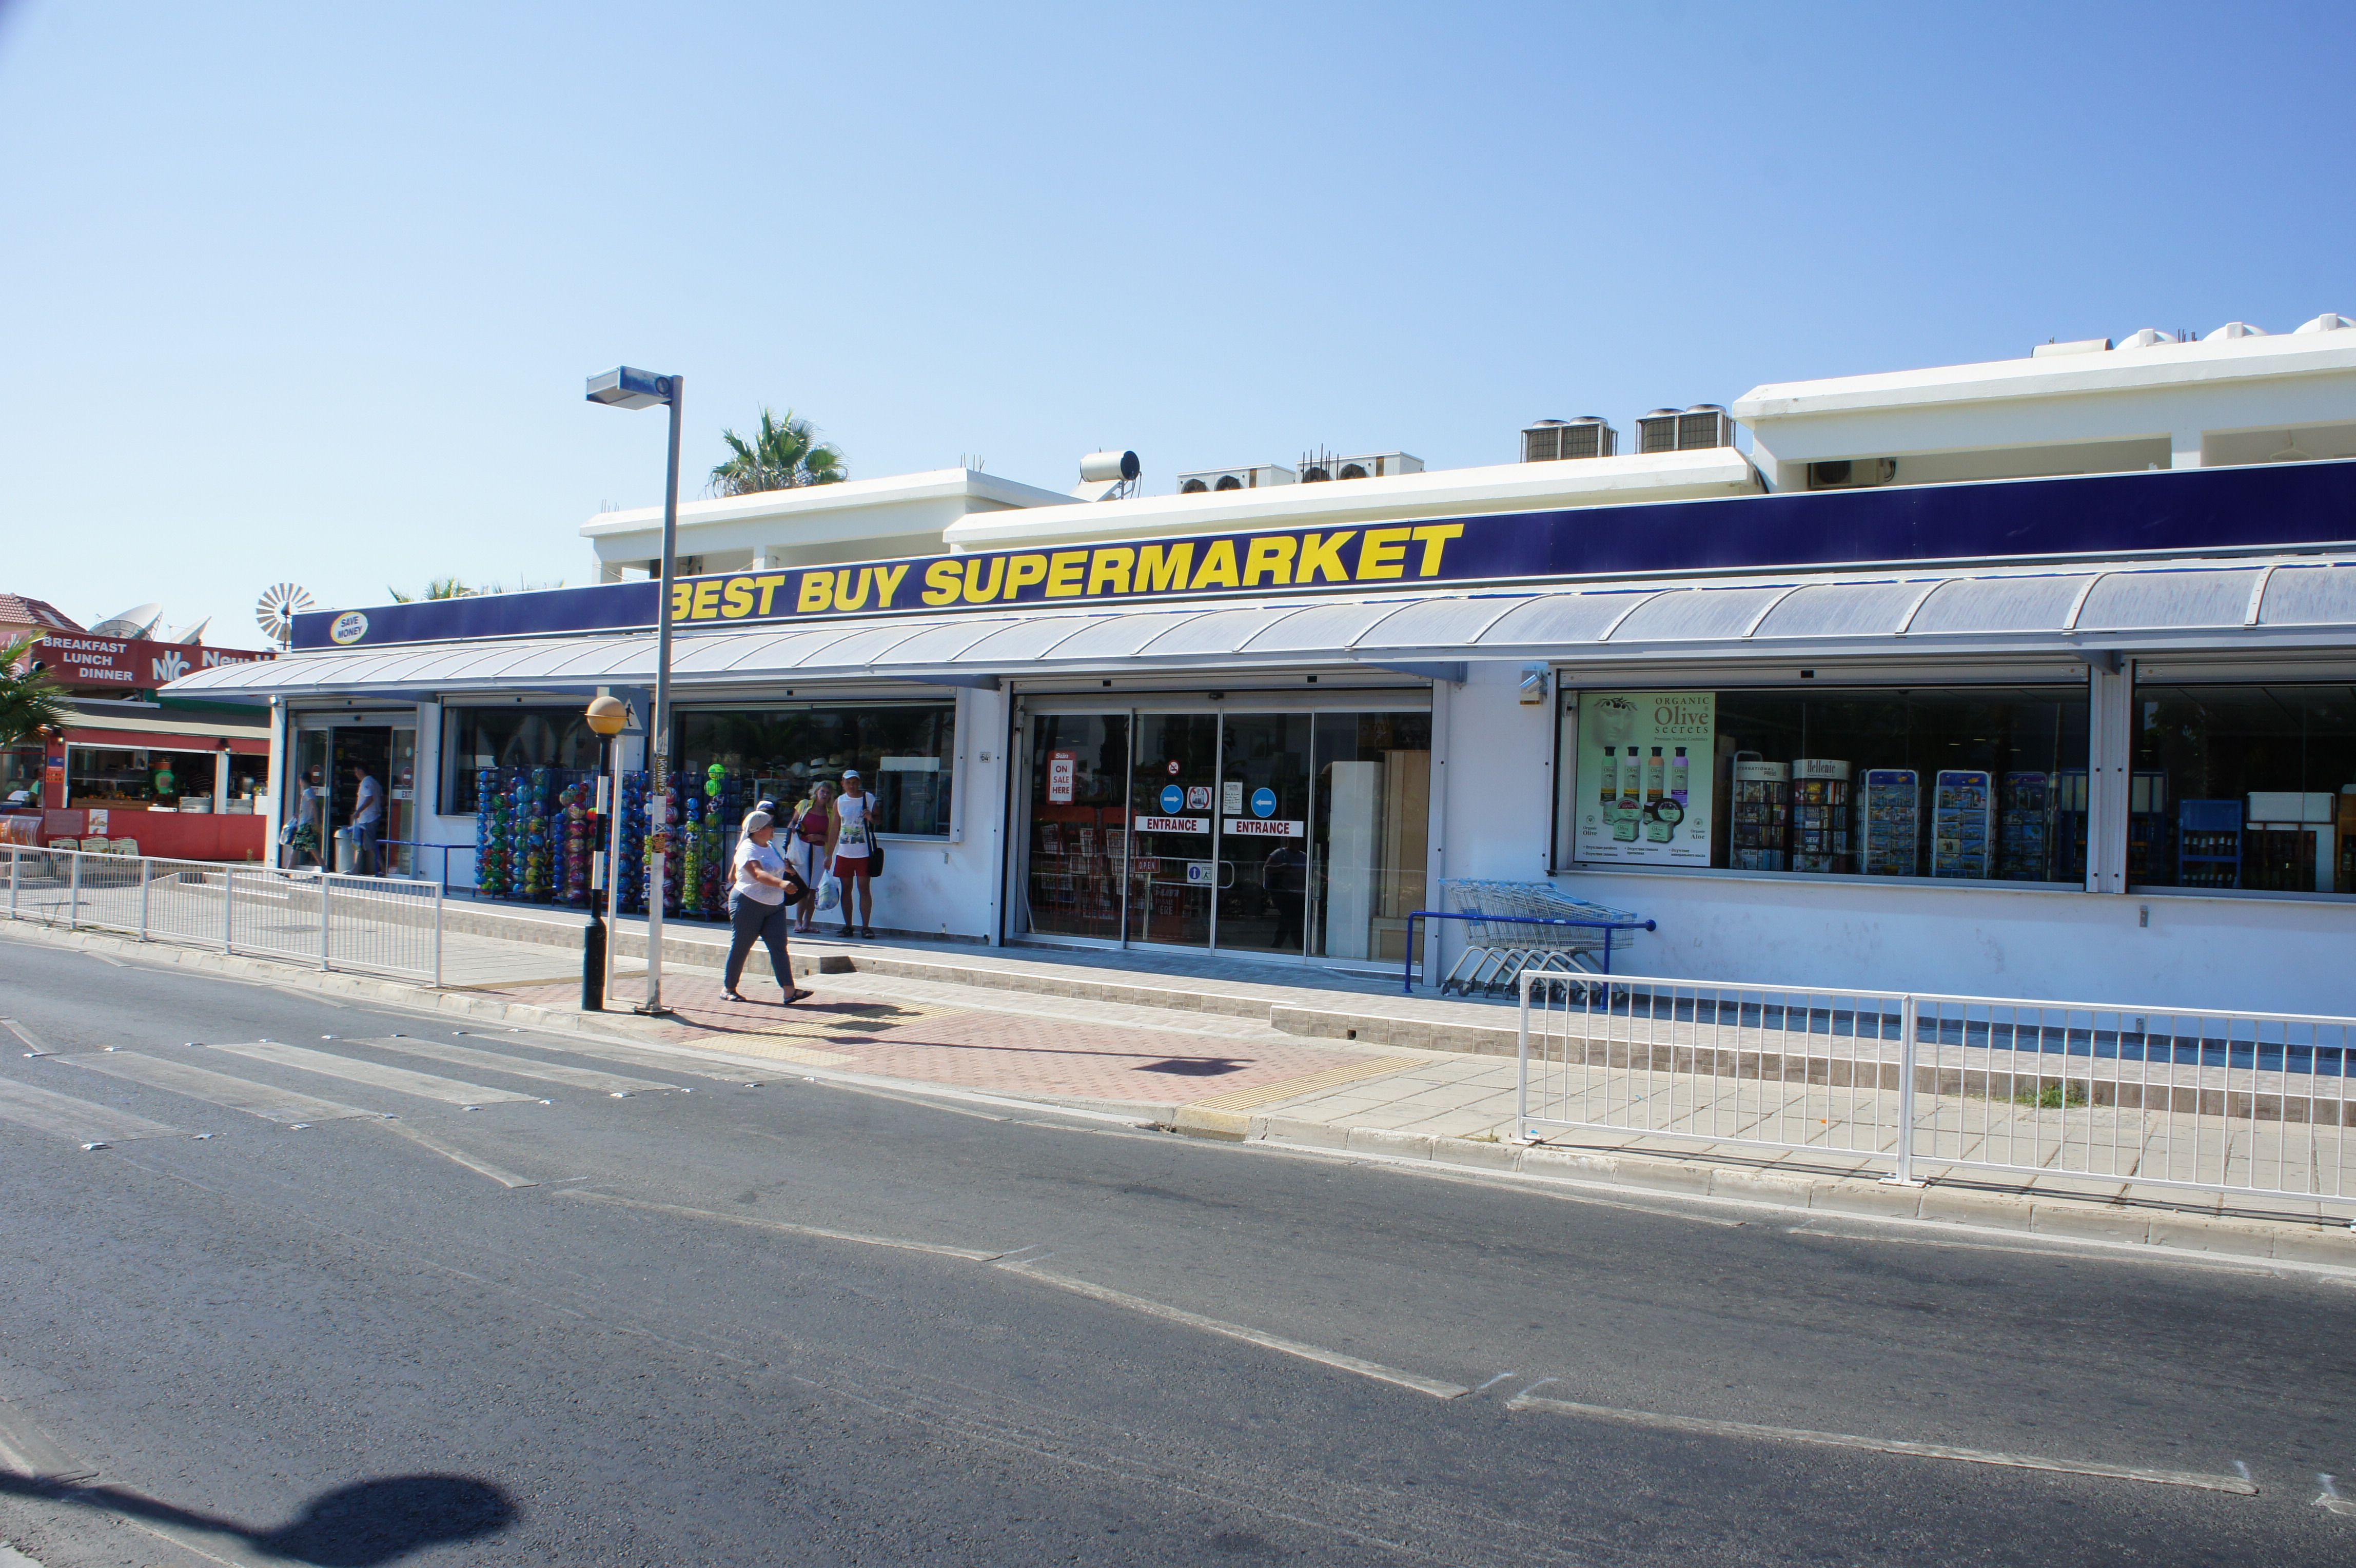 Шоппинг на Кипре. Супермаркеты в Айя-Напа